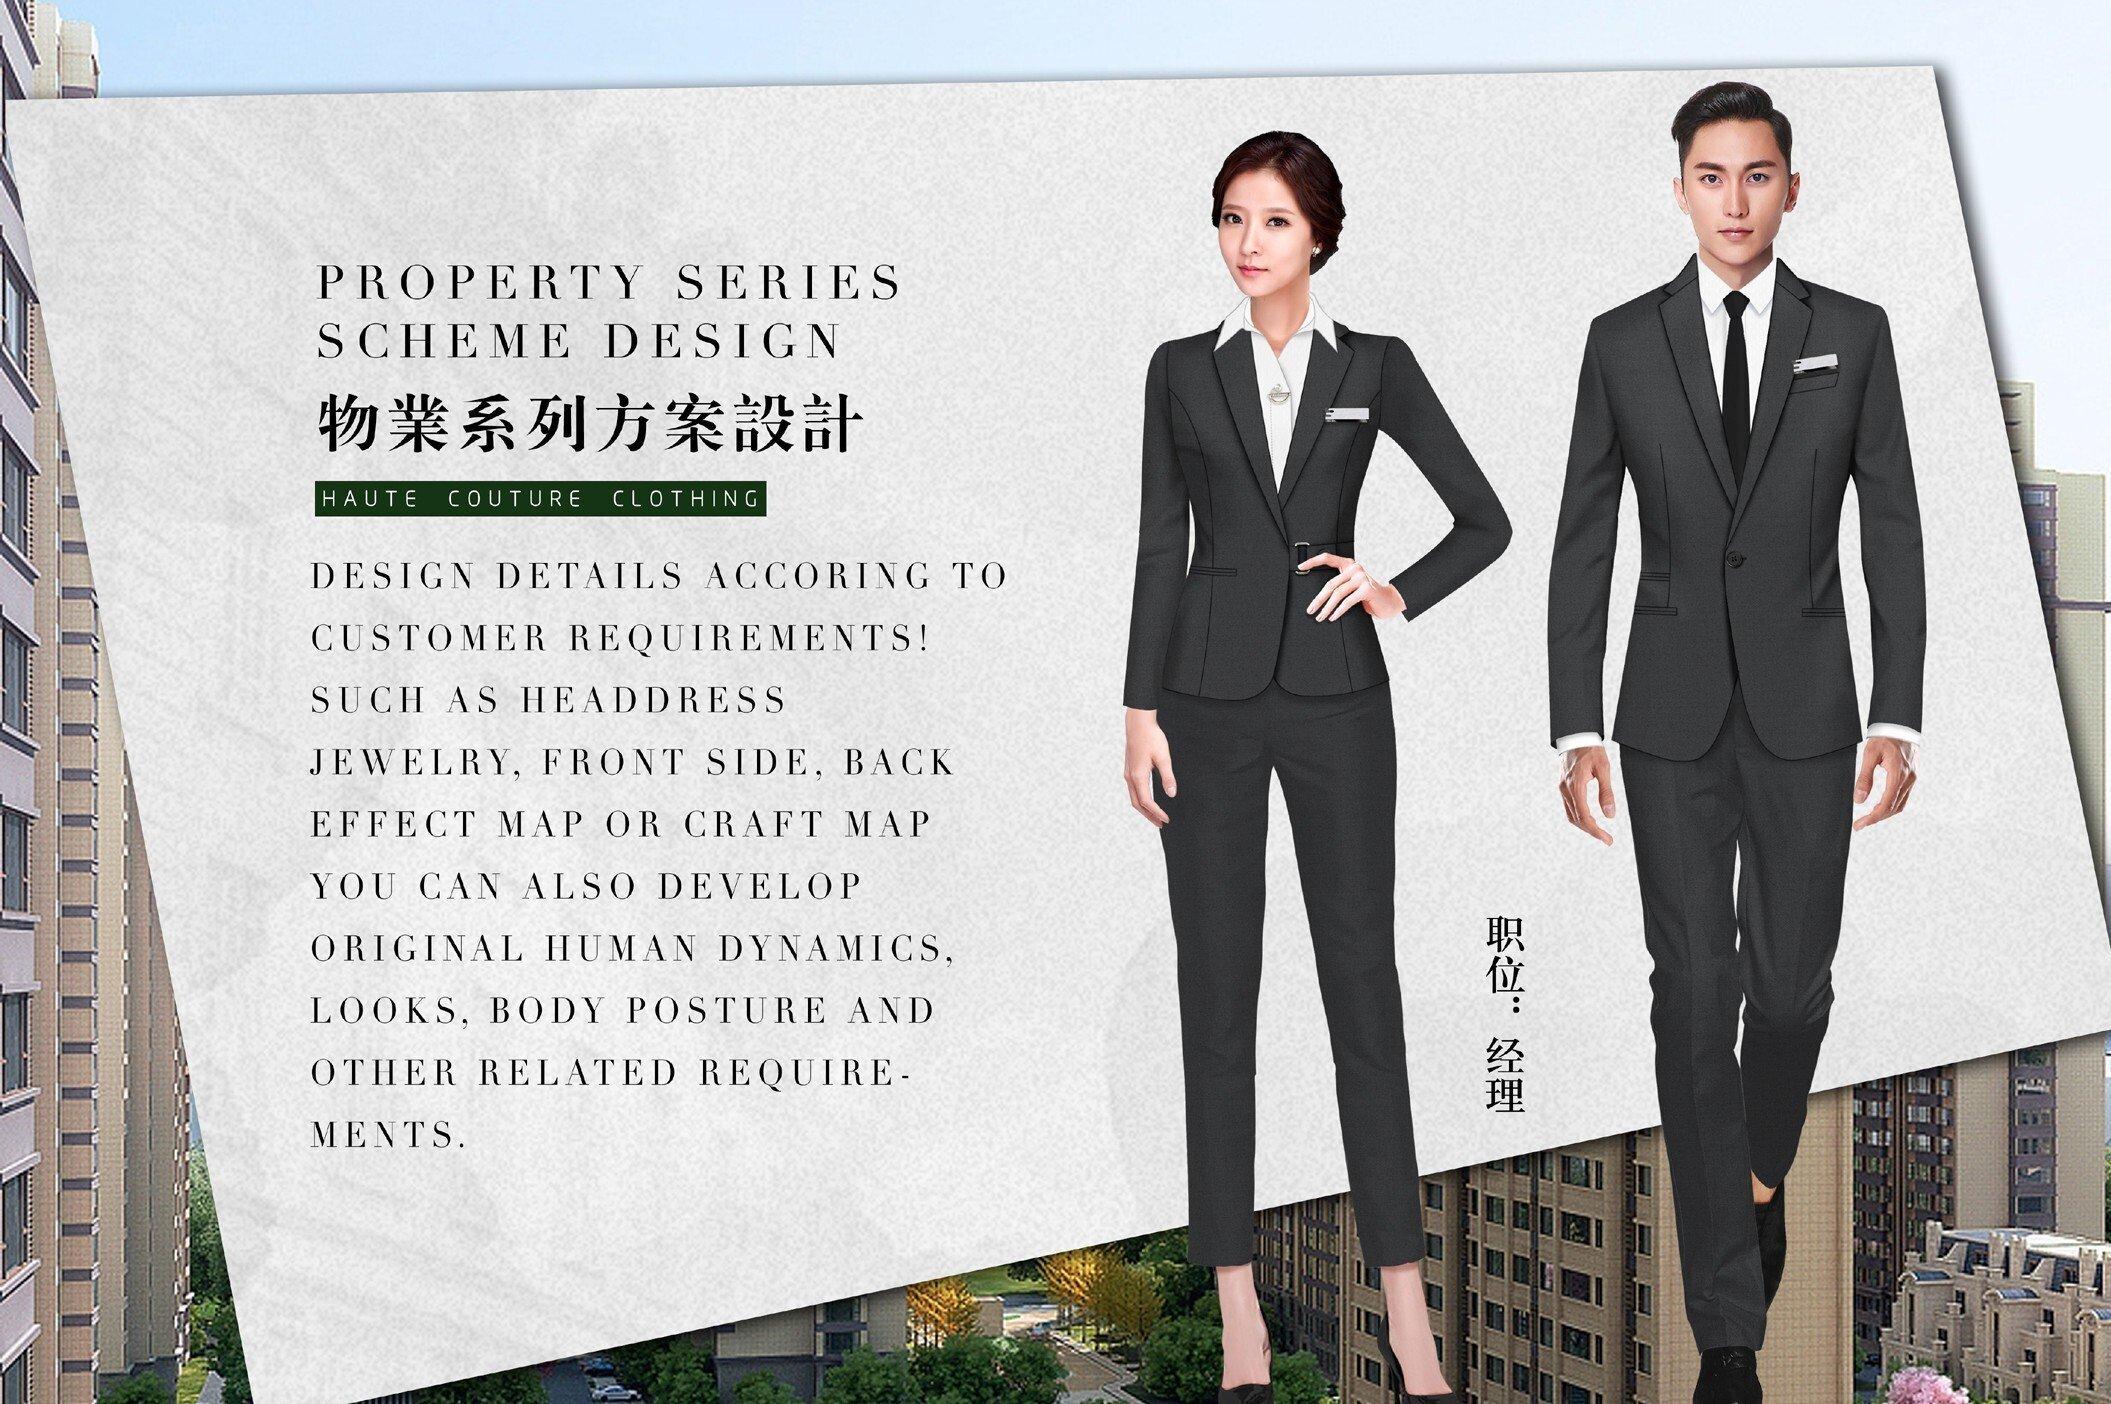 物业集团员工制式服装设计案例58547